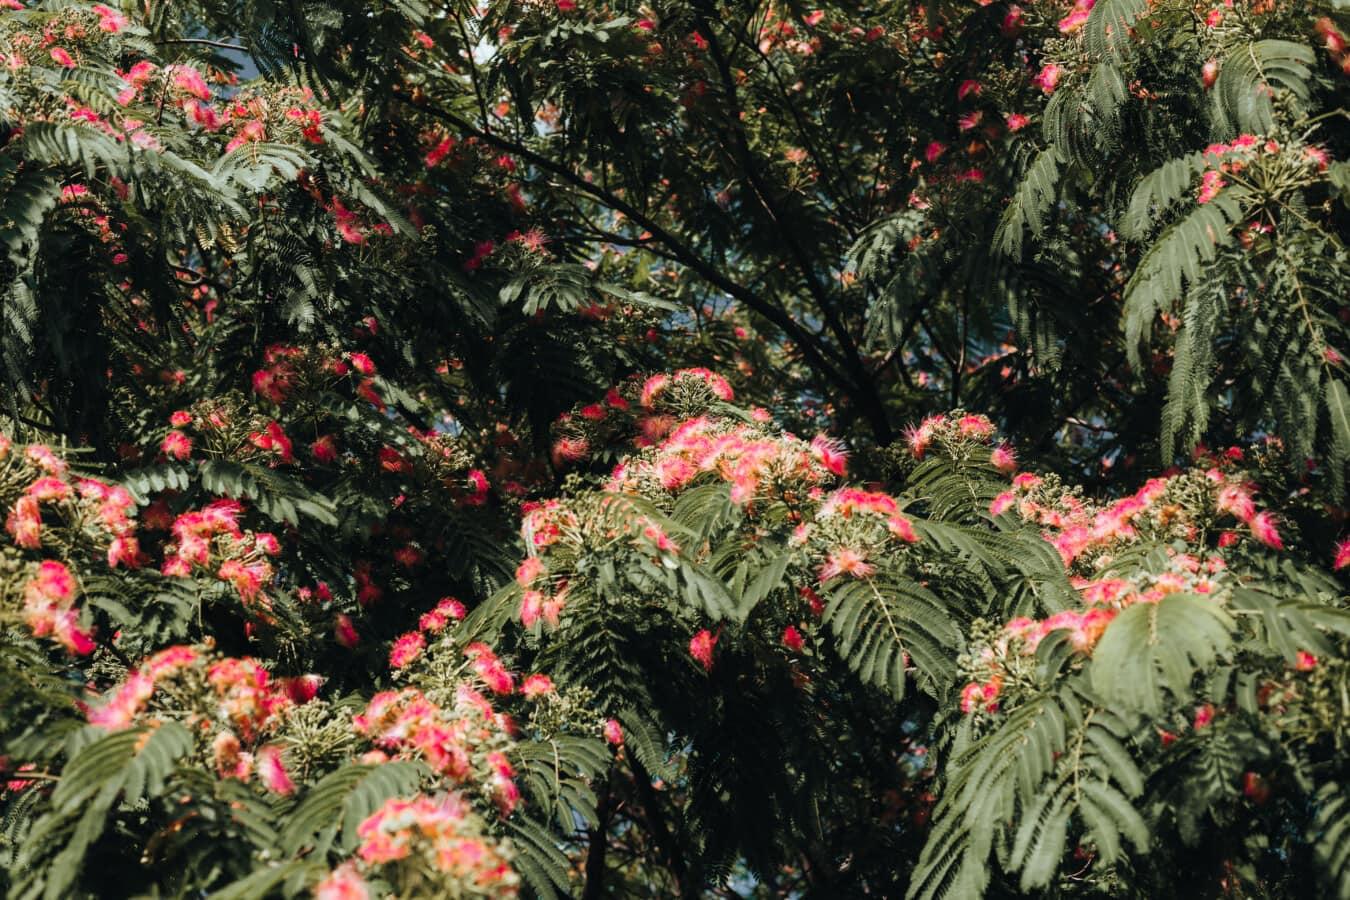 Struktur, tropische, blühen, Blumen, Rosa, Anlage, Strauch, Blatt, Natur, hell